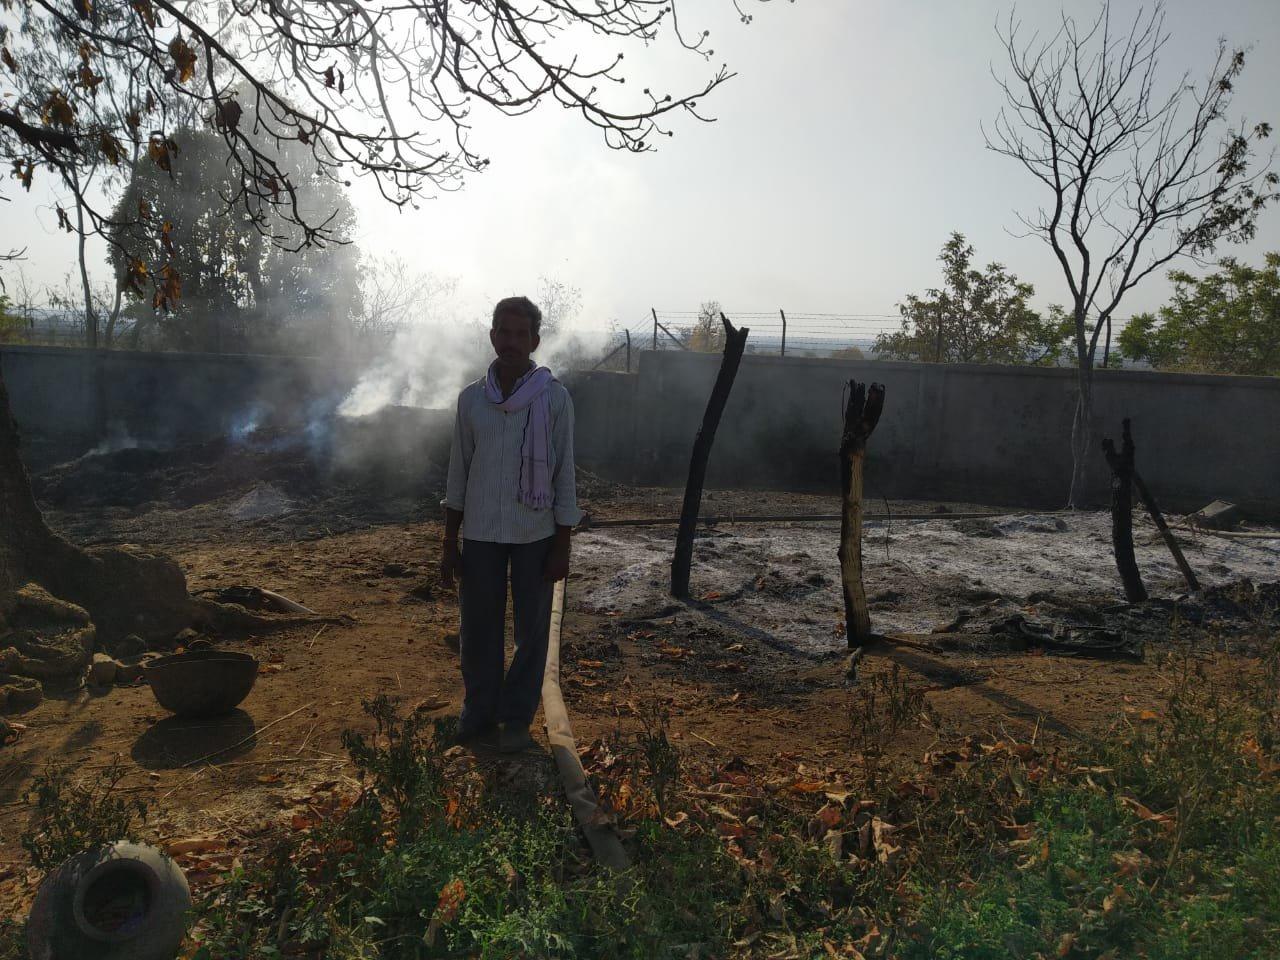 किसान के खेत में लगी आग